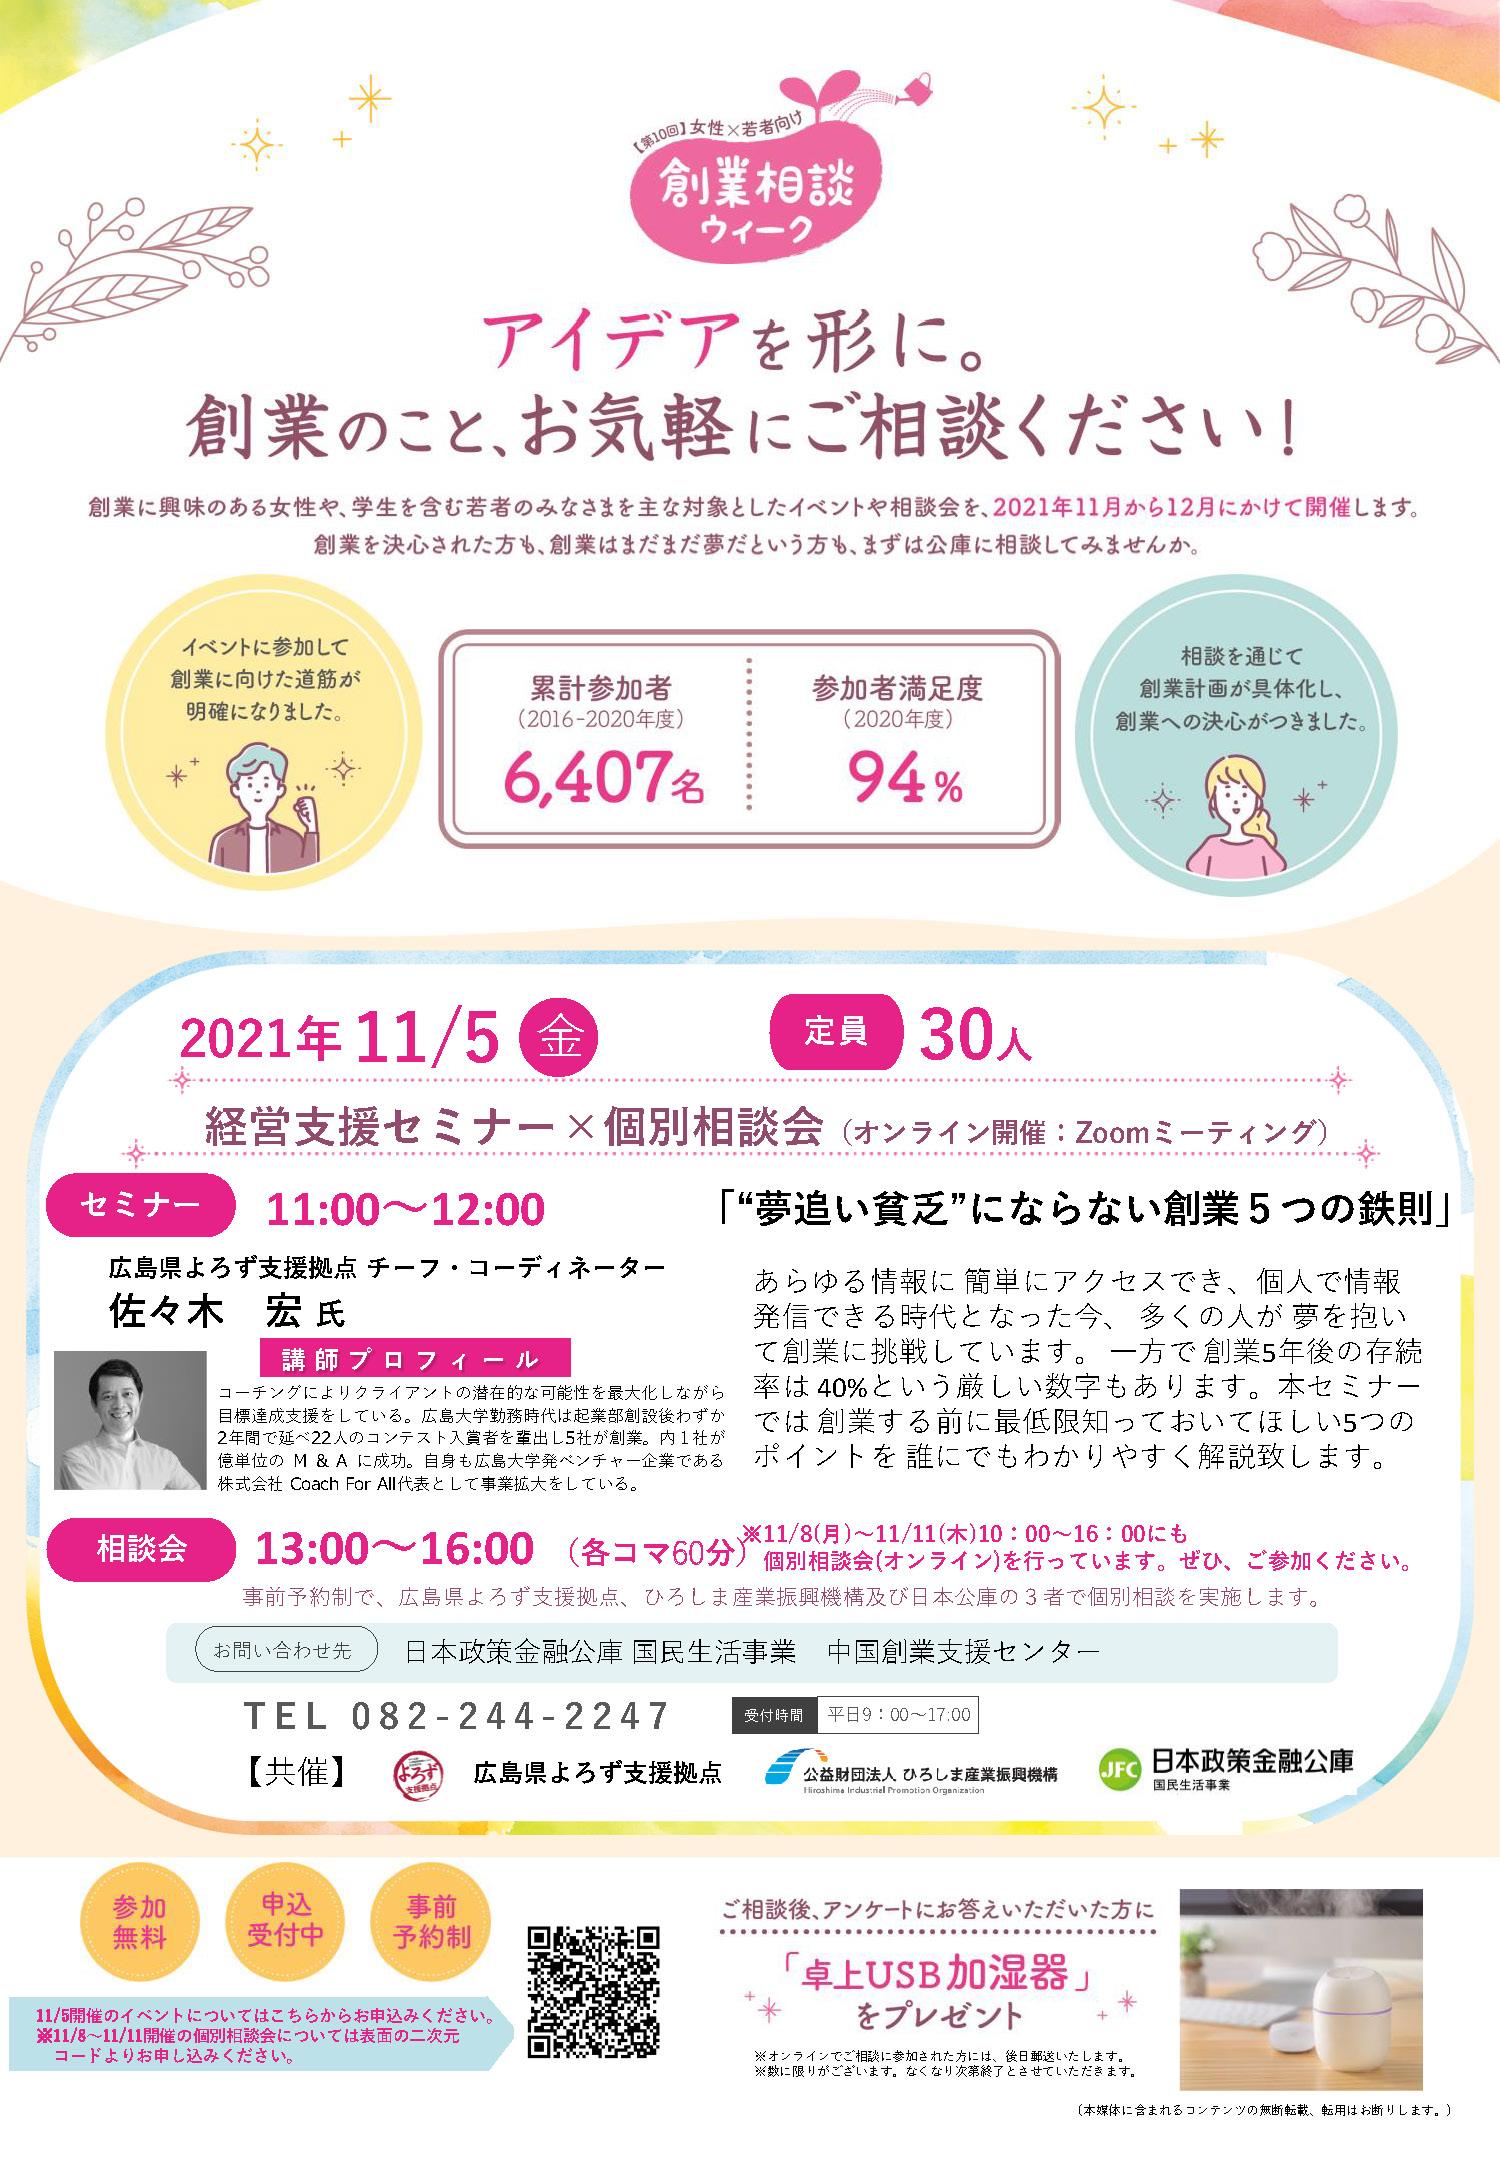 yorozu web